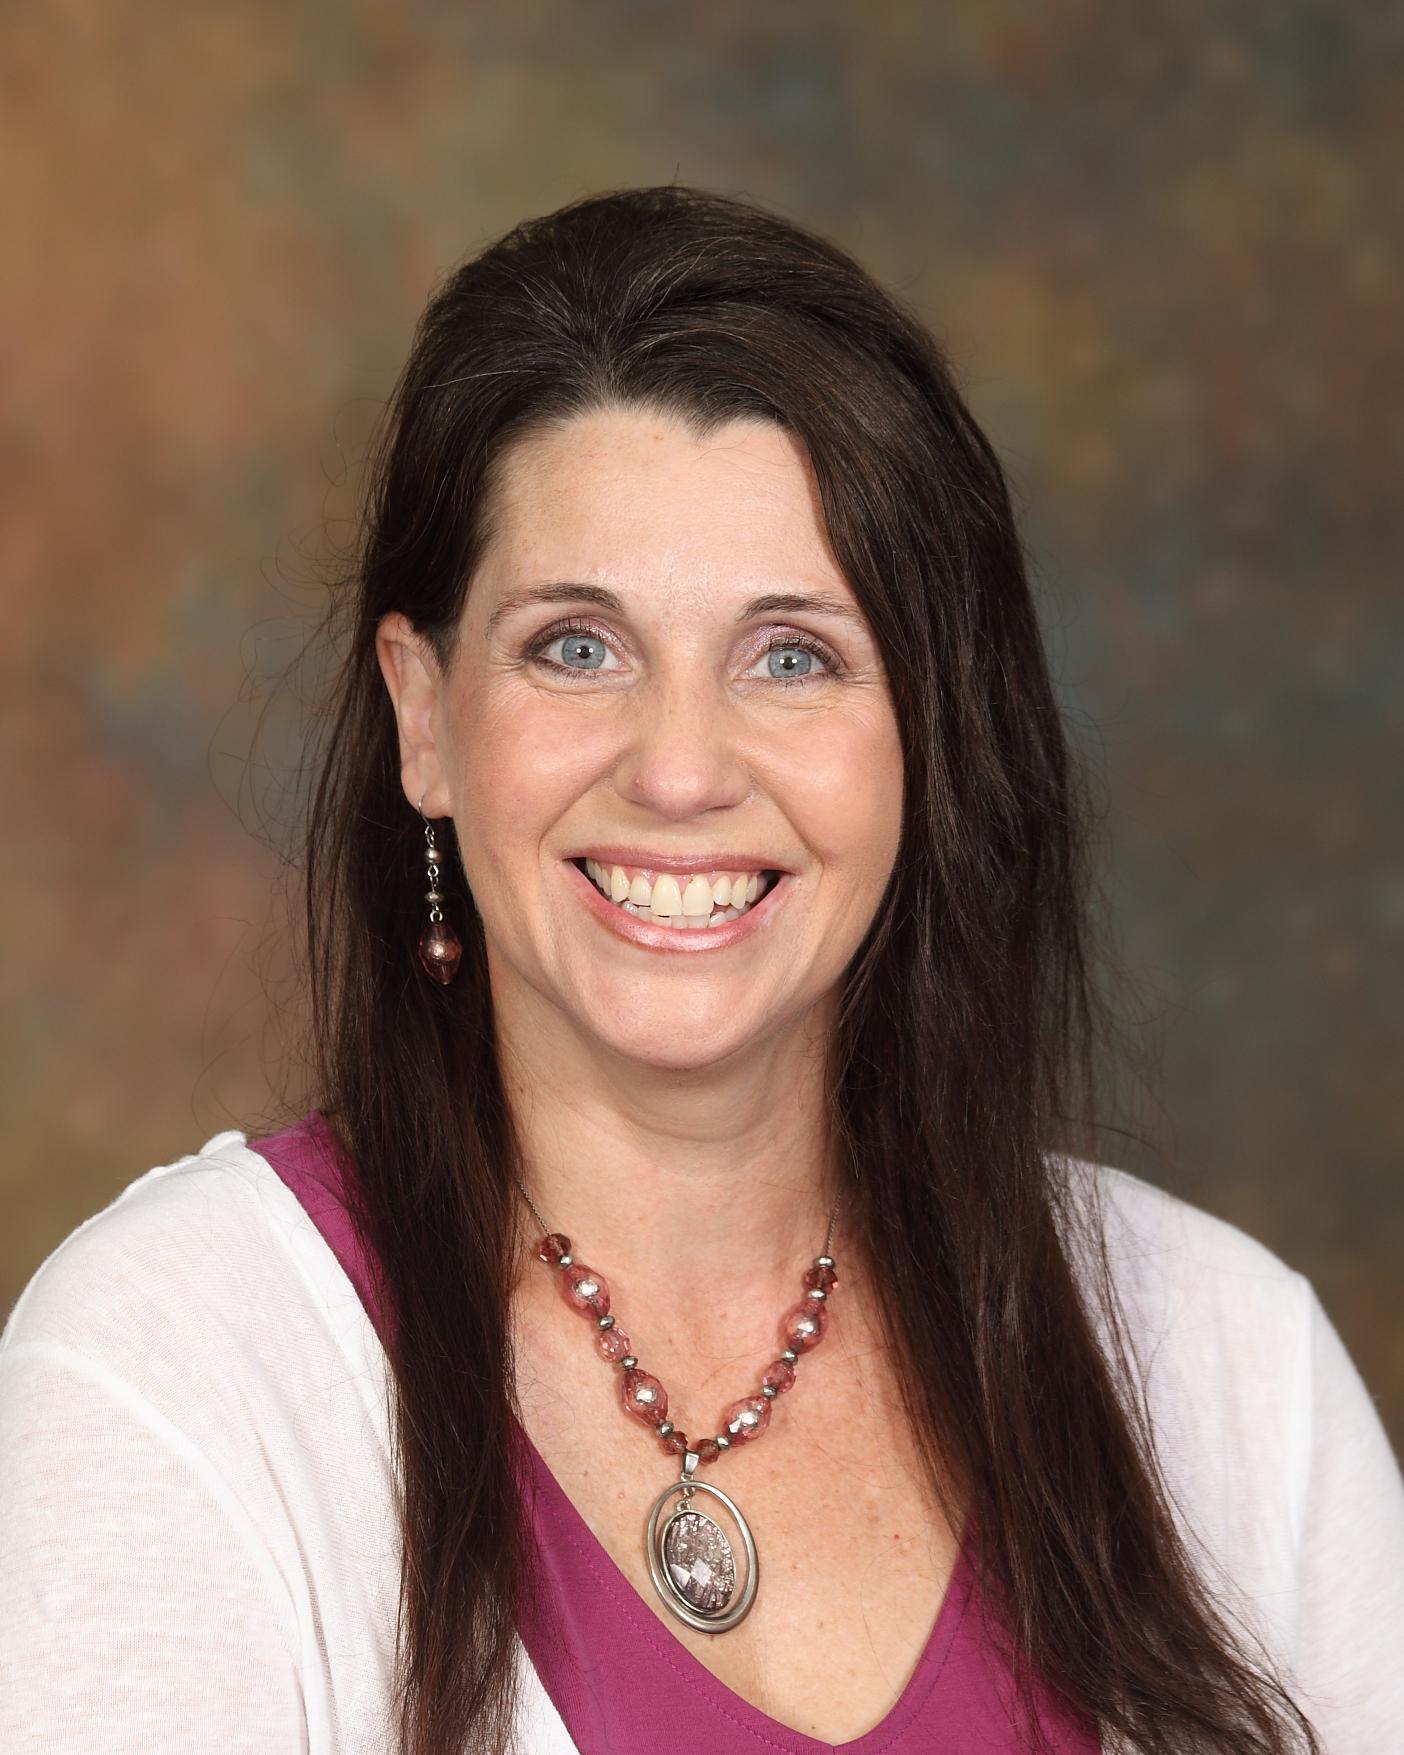 Tiffany Beierling